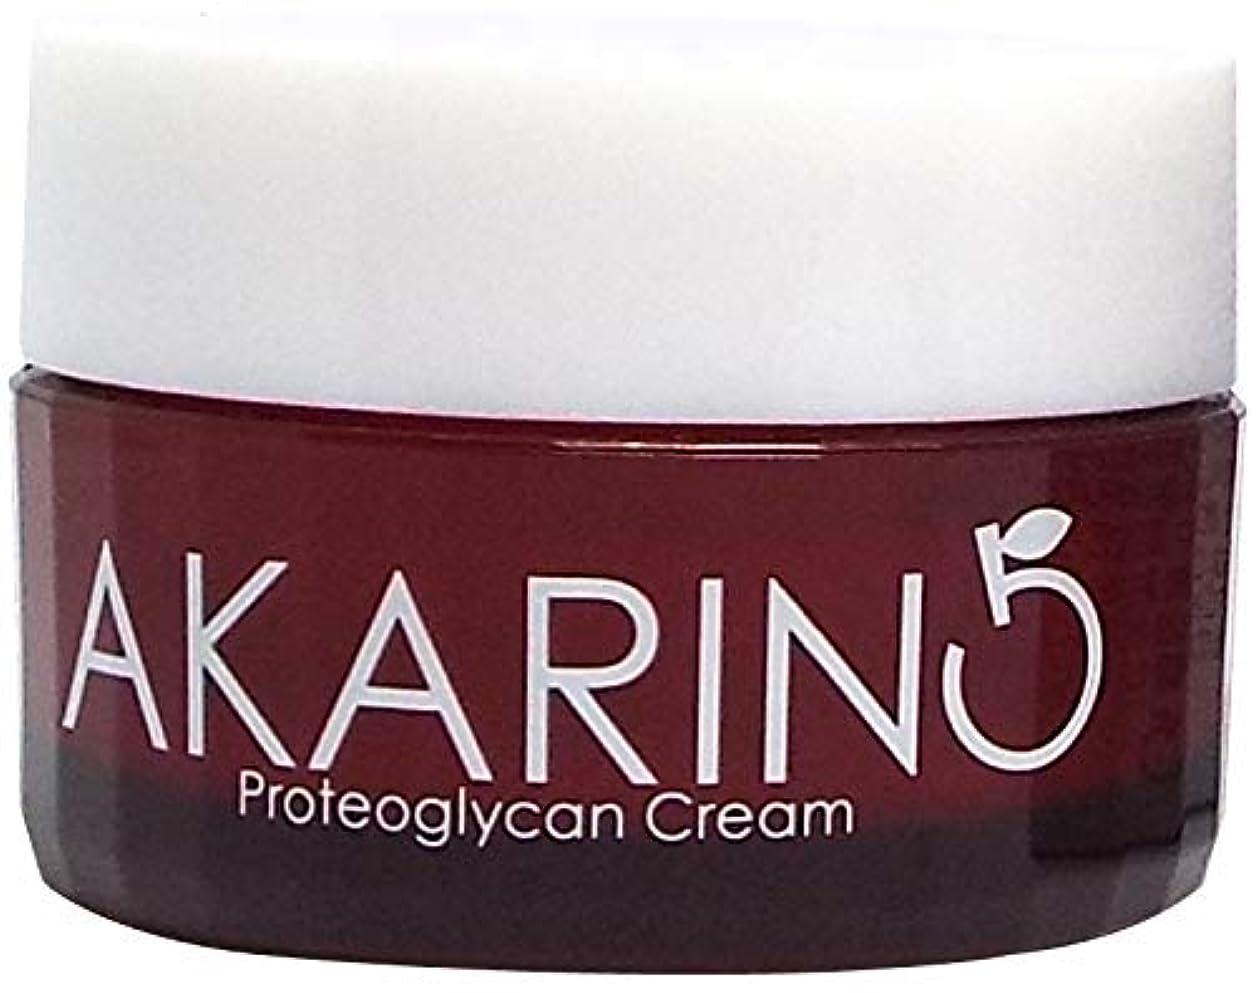 慢な舗装思い出すプロテオグリカン配合フェイスクリーム 30g AKARIN5